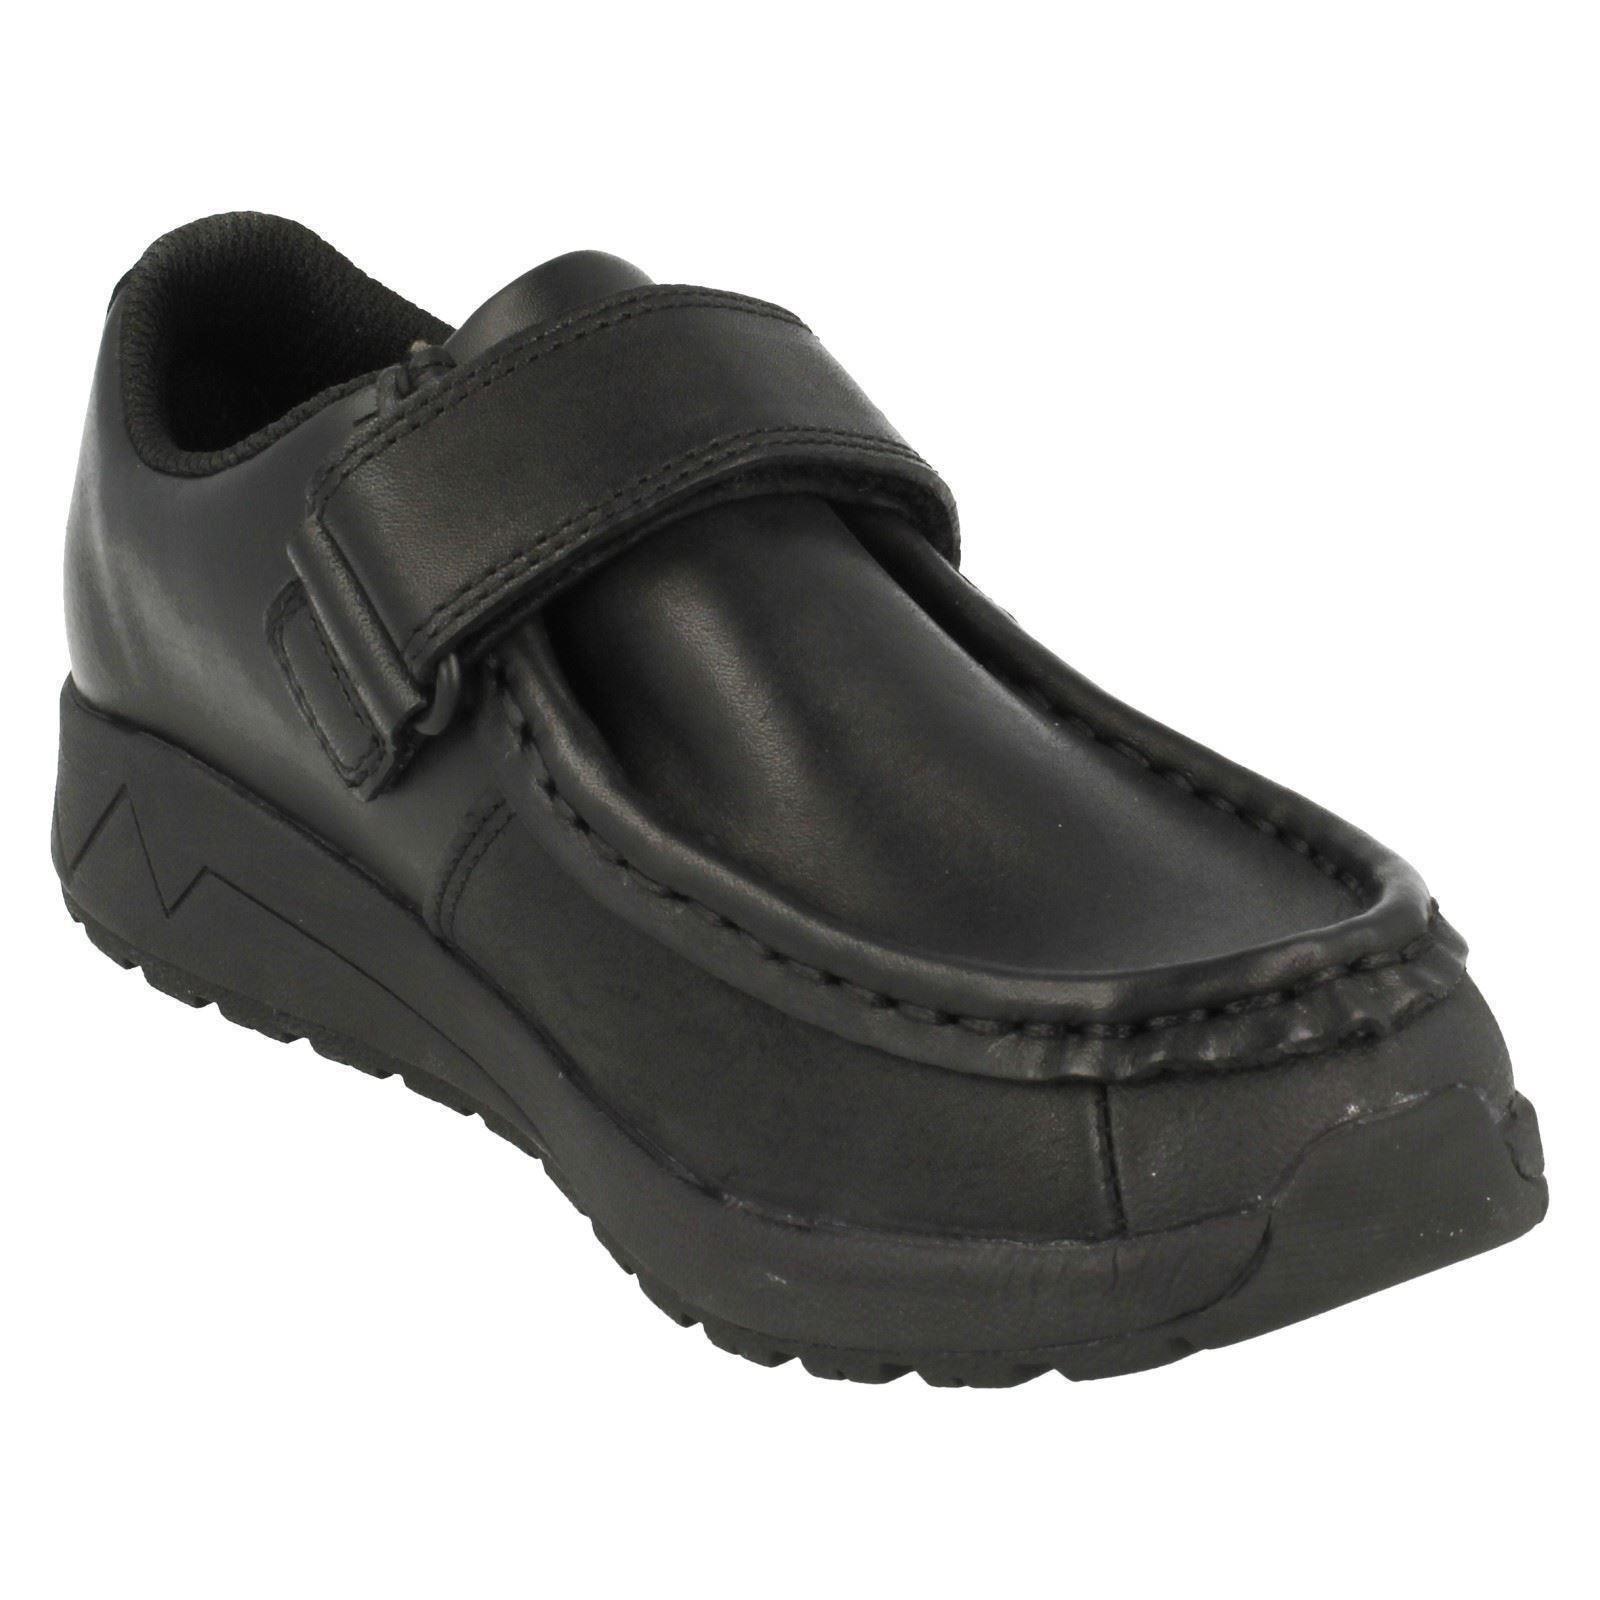 Trek Zapatos Colegio Jojen De Niños Clarks Elegante URzBz